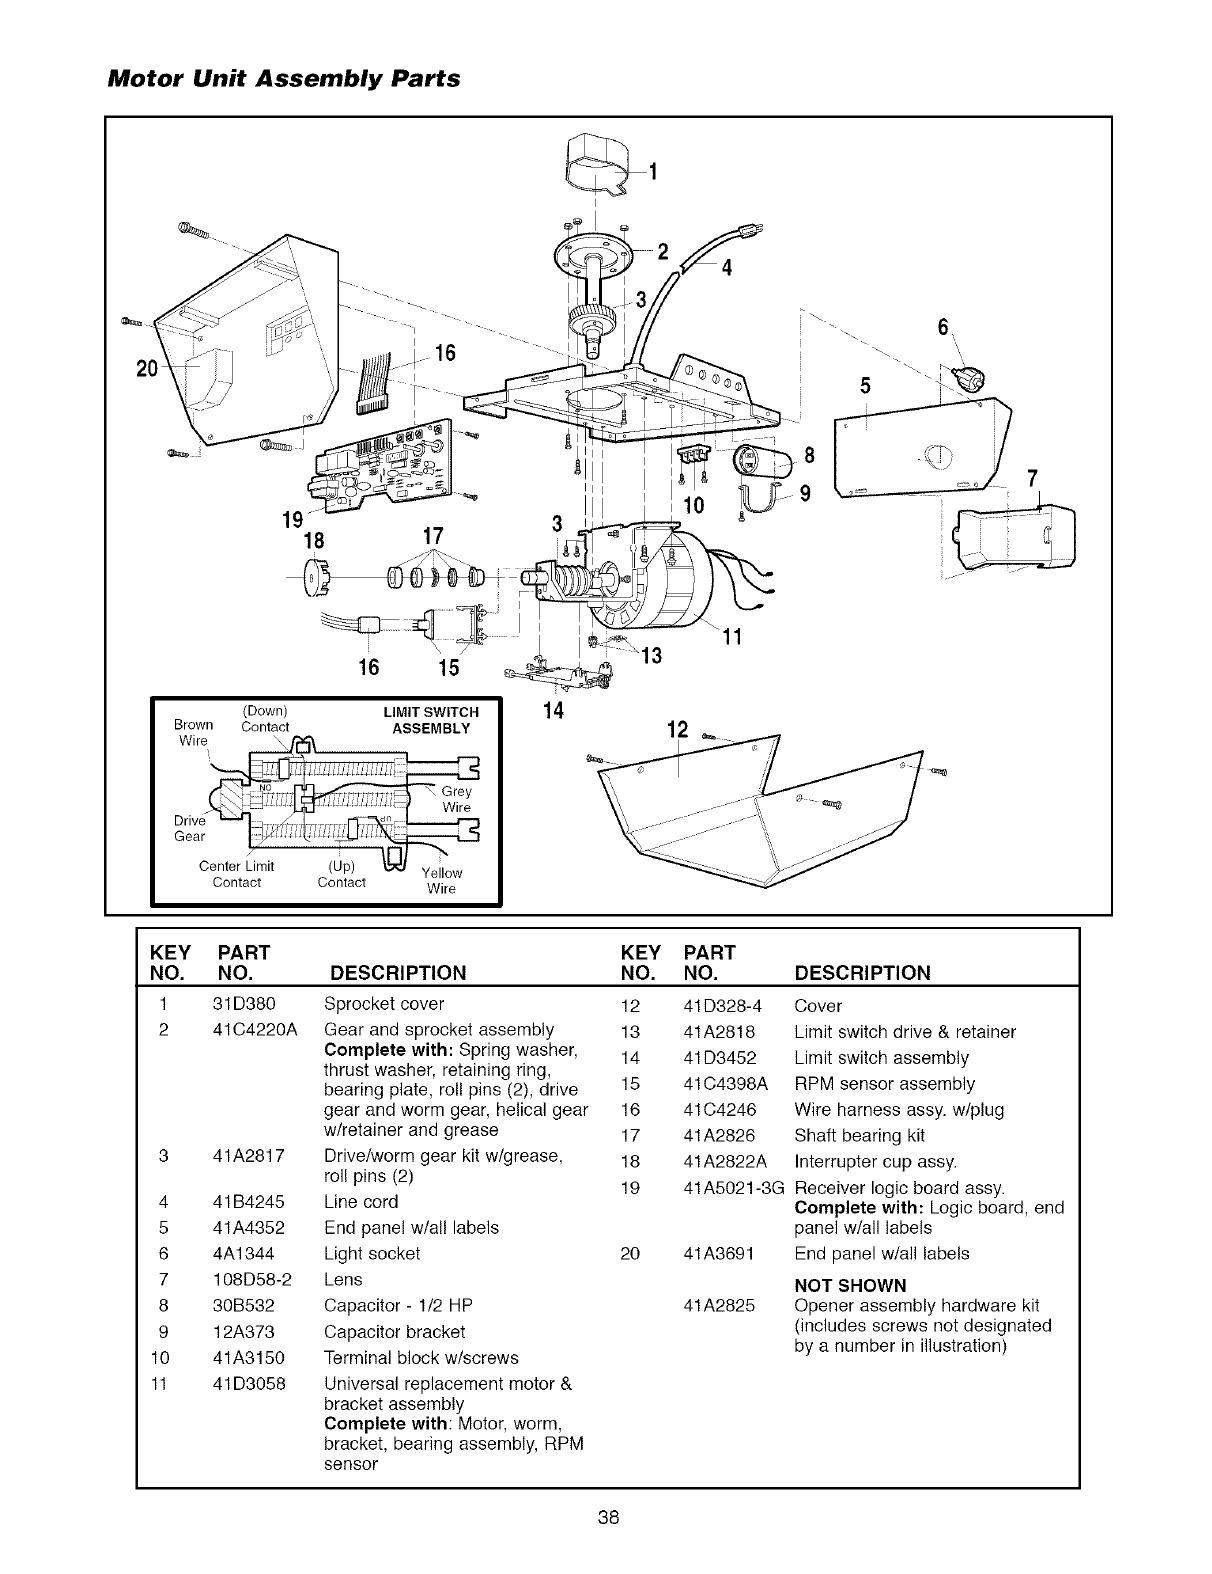 Craftsman 1395364812 User Manual 1/2 HP GARAGE DOOR OPENER